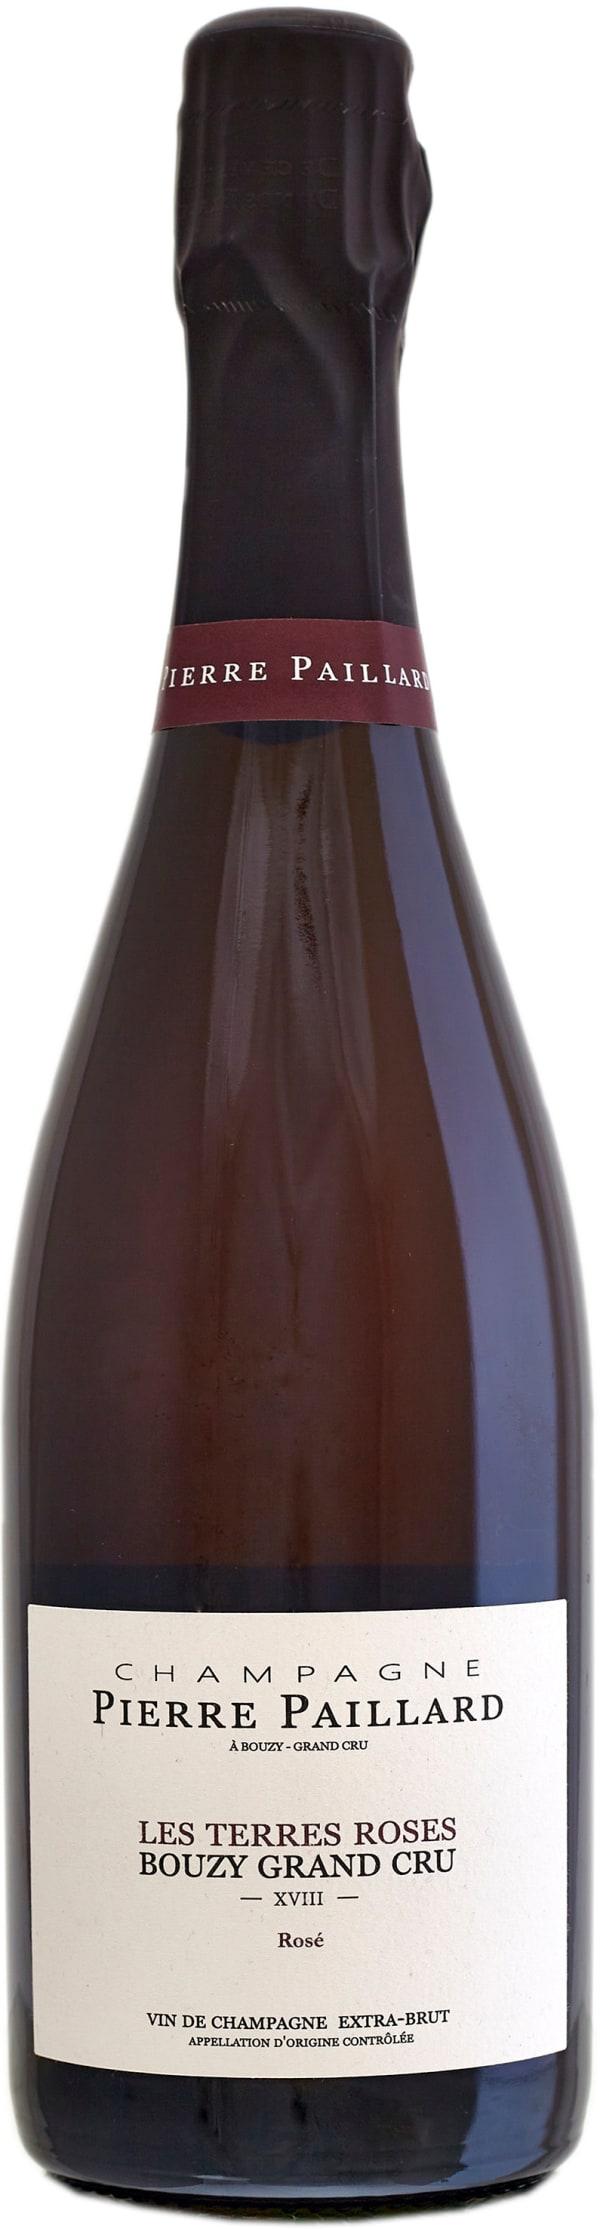 Pierre Paillard Grand Cru Rosé Champagne Extra-Brut